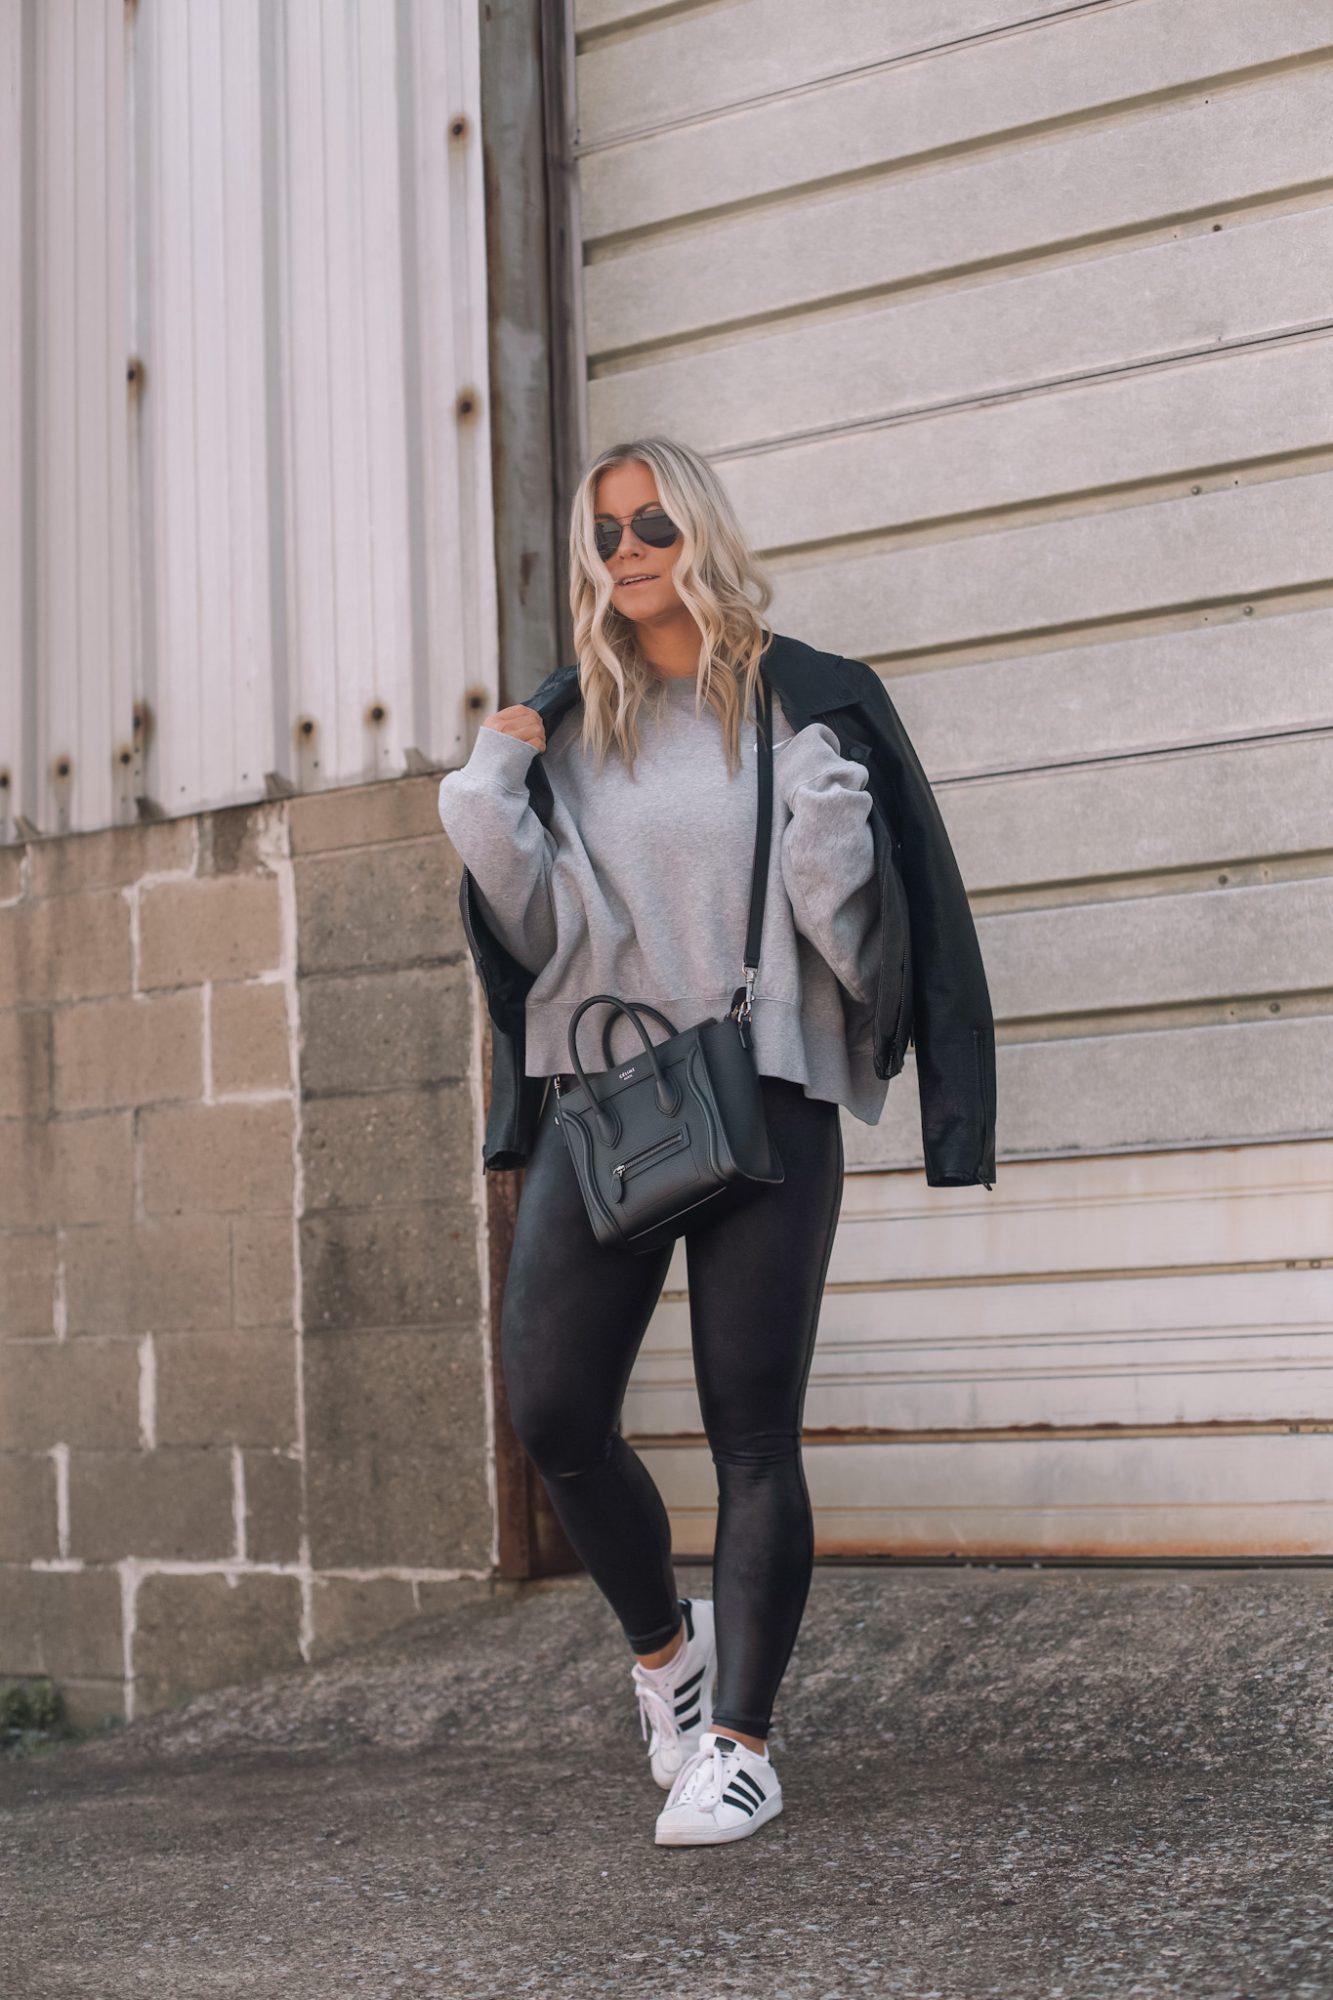 Faux Leather Leggings - Fall Outfit Idea- Athleisure- Ashley Pletcher- Fall Fashion